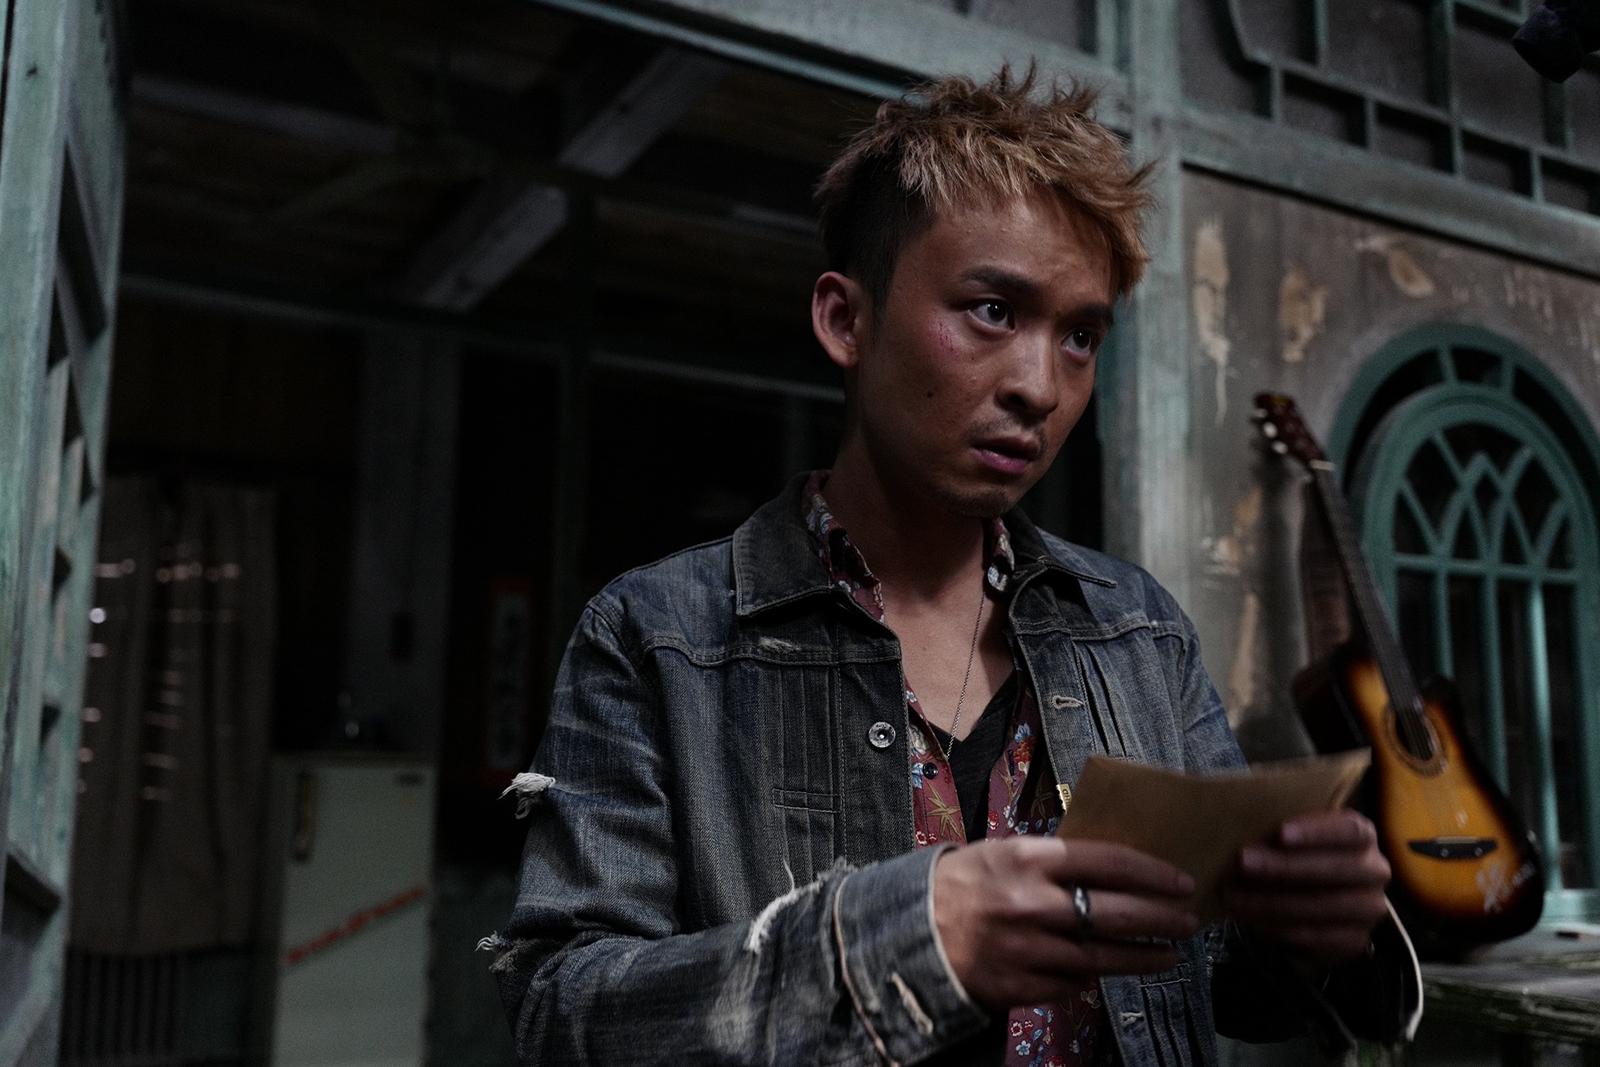 ナミヤ雑貨店の奇蹟 -再生-(Namiya)